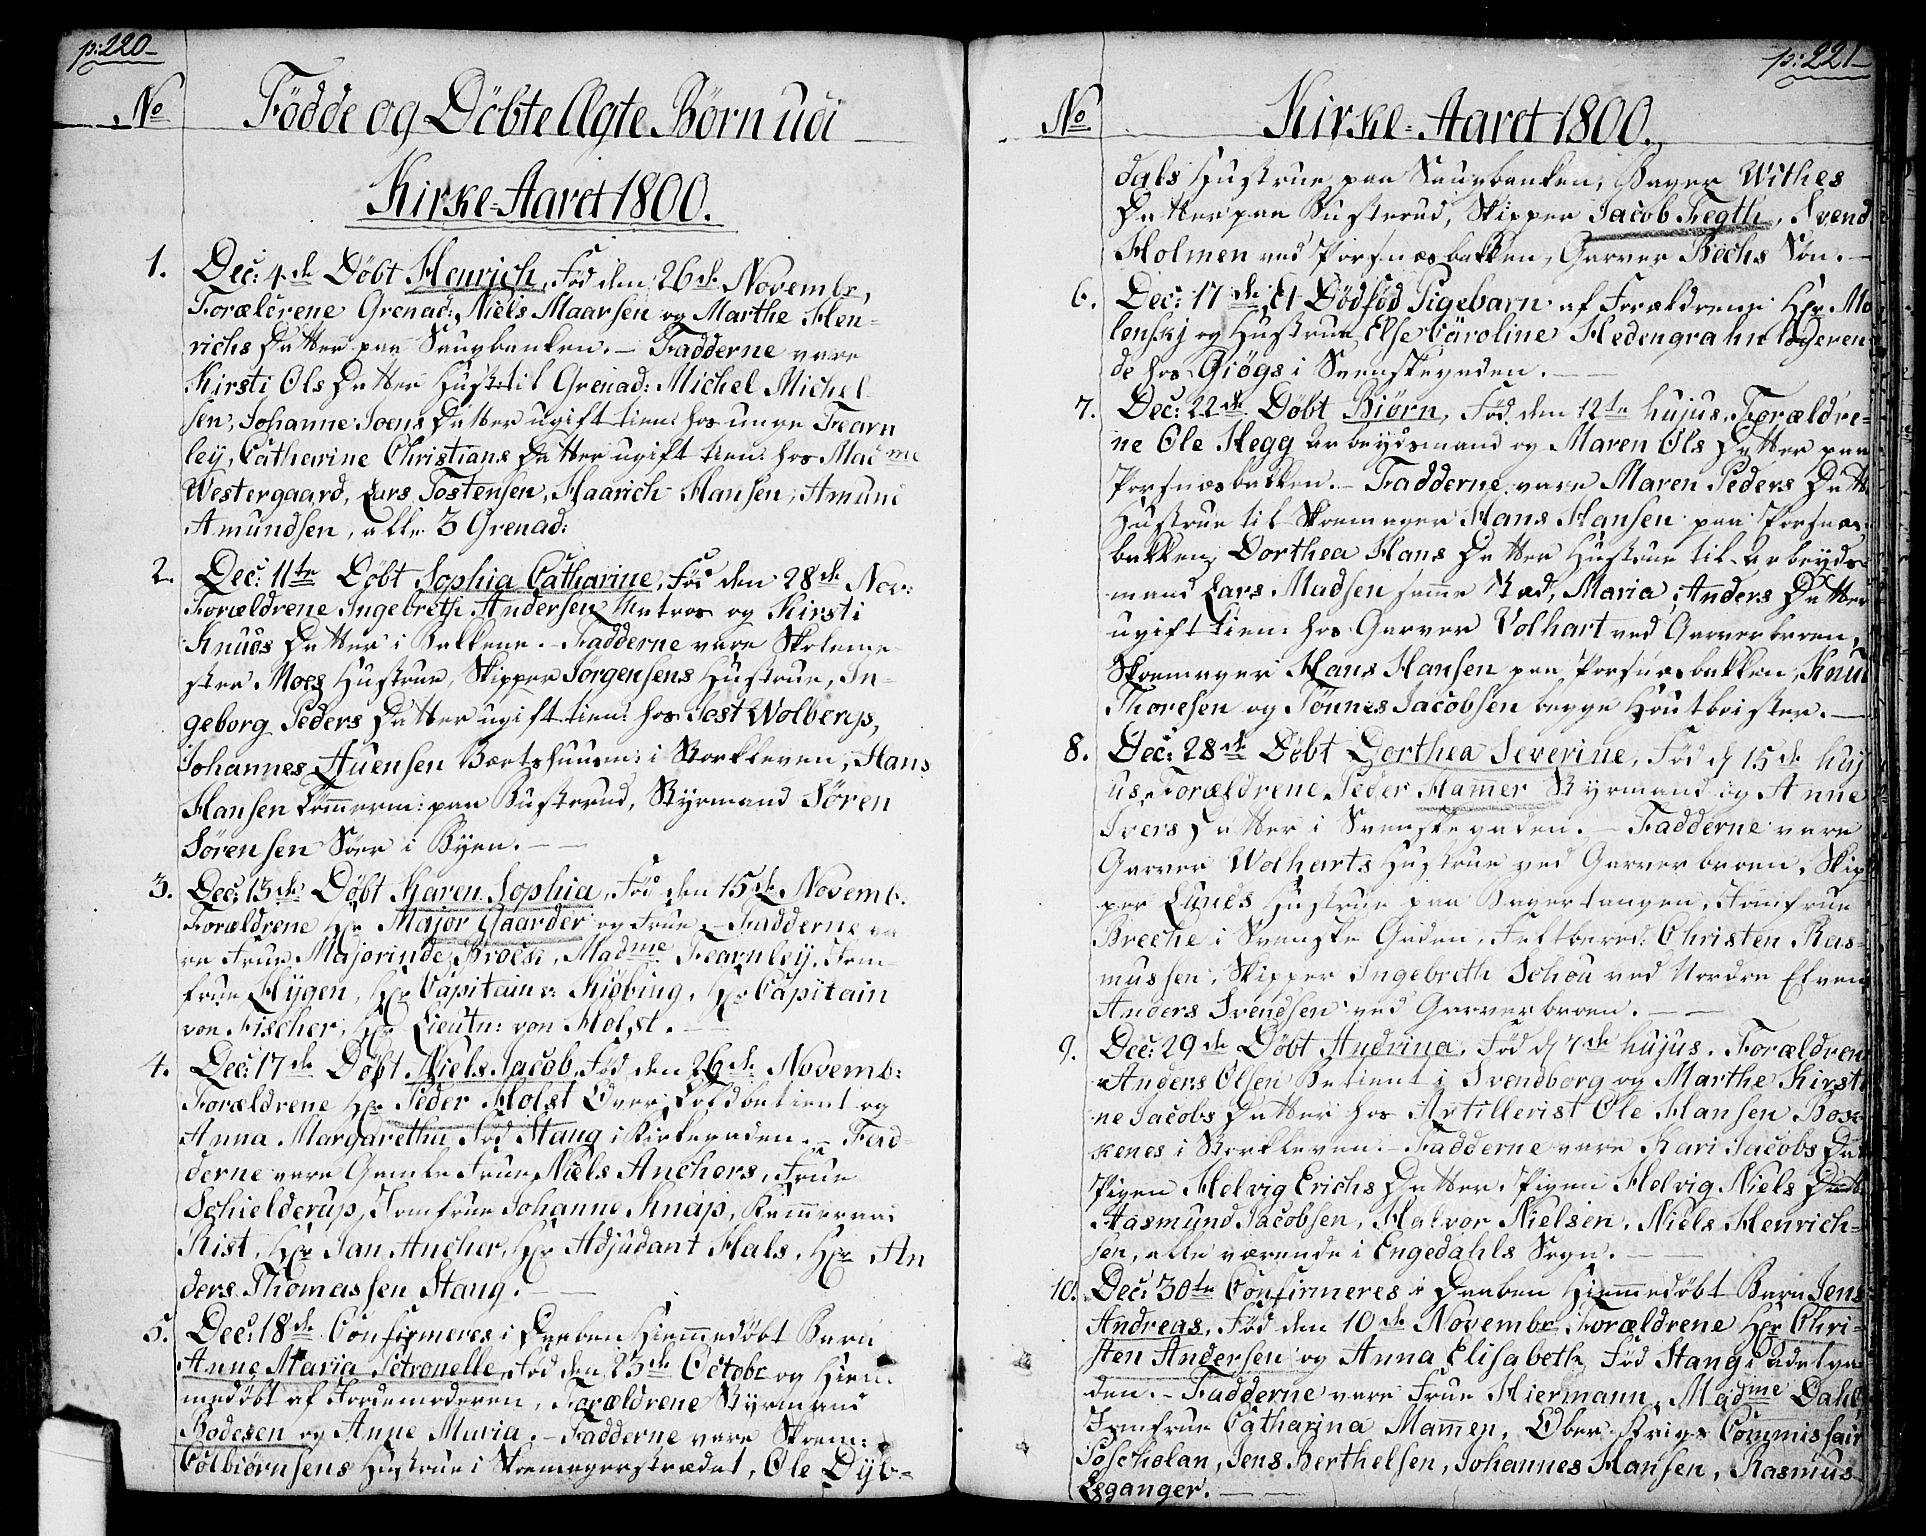 SAO, Halden prestekontor Kirkebøker, F/Fa/L0002: Ministerialbok nr. I 2, 1792-1812, s. 220-221